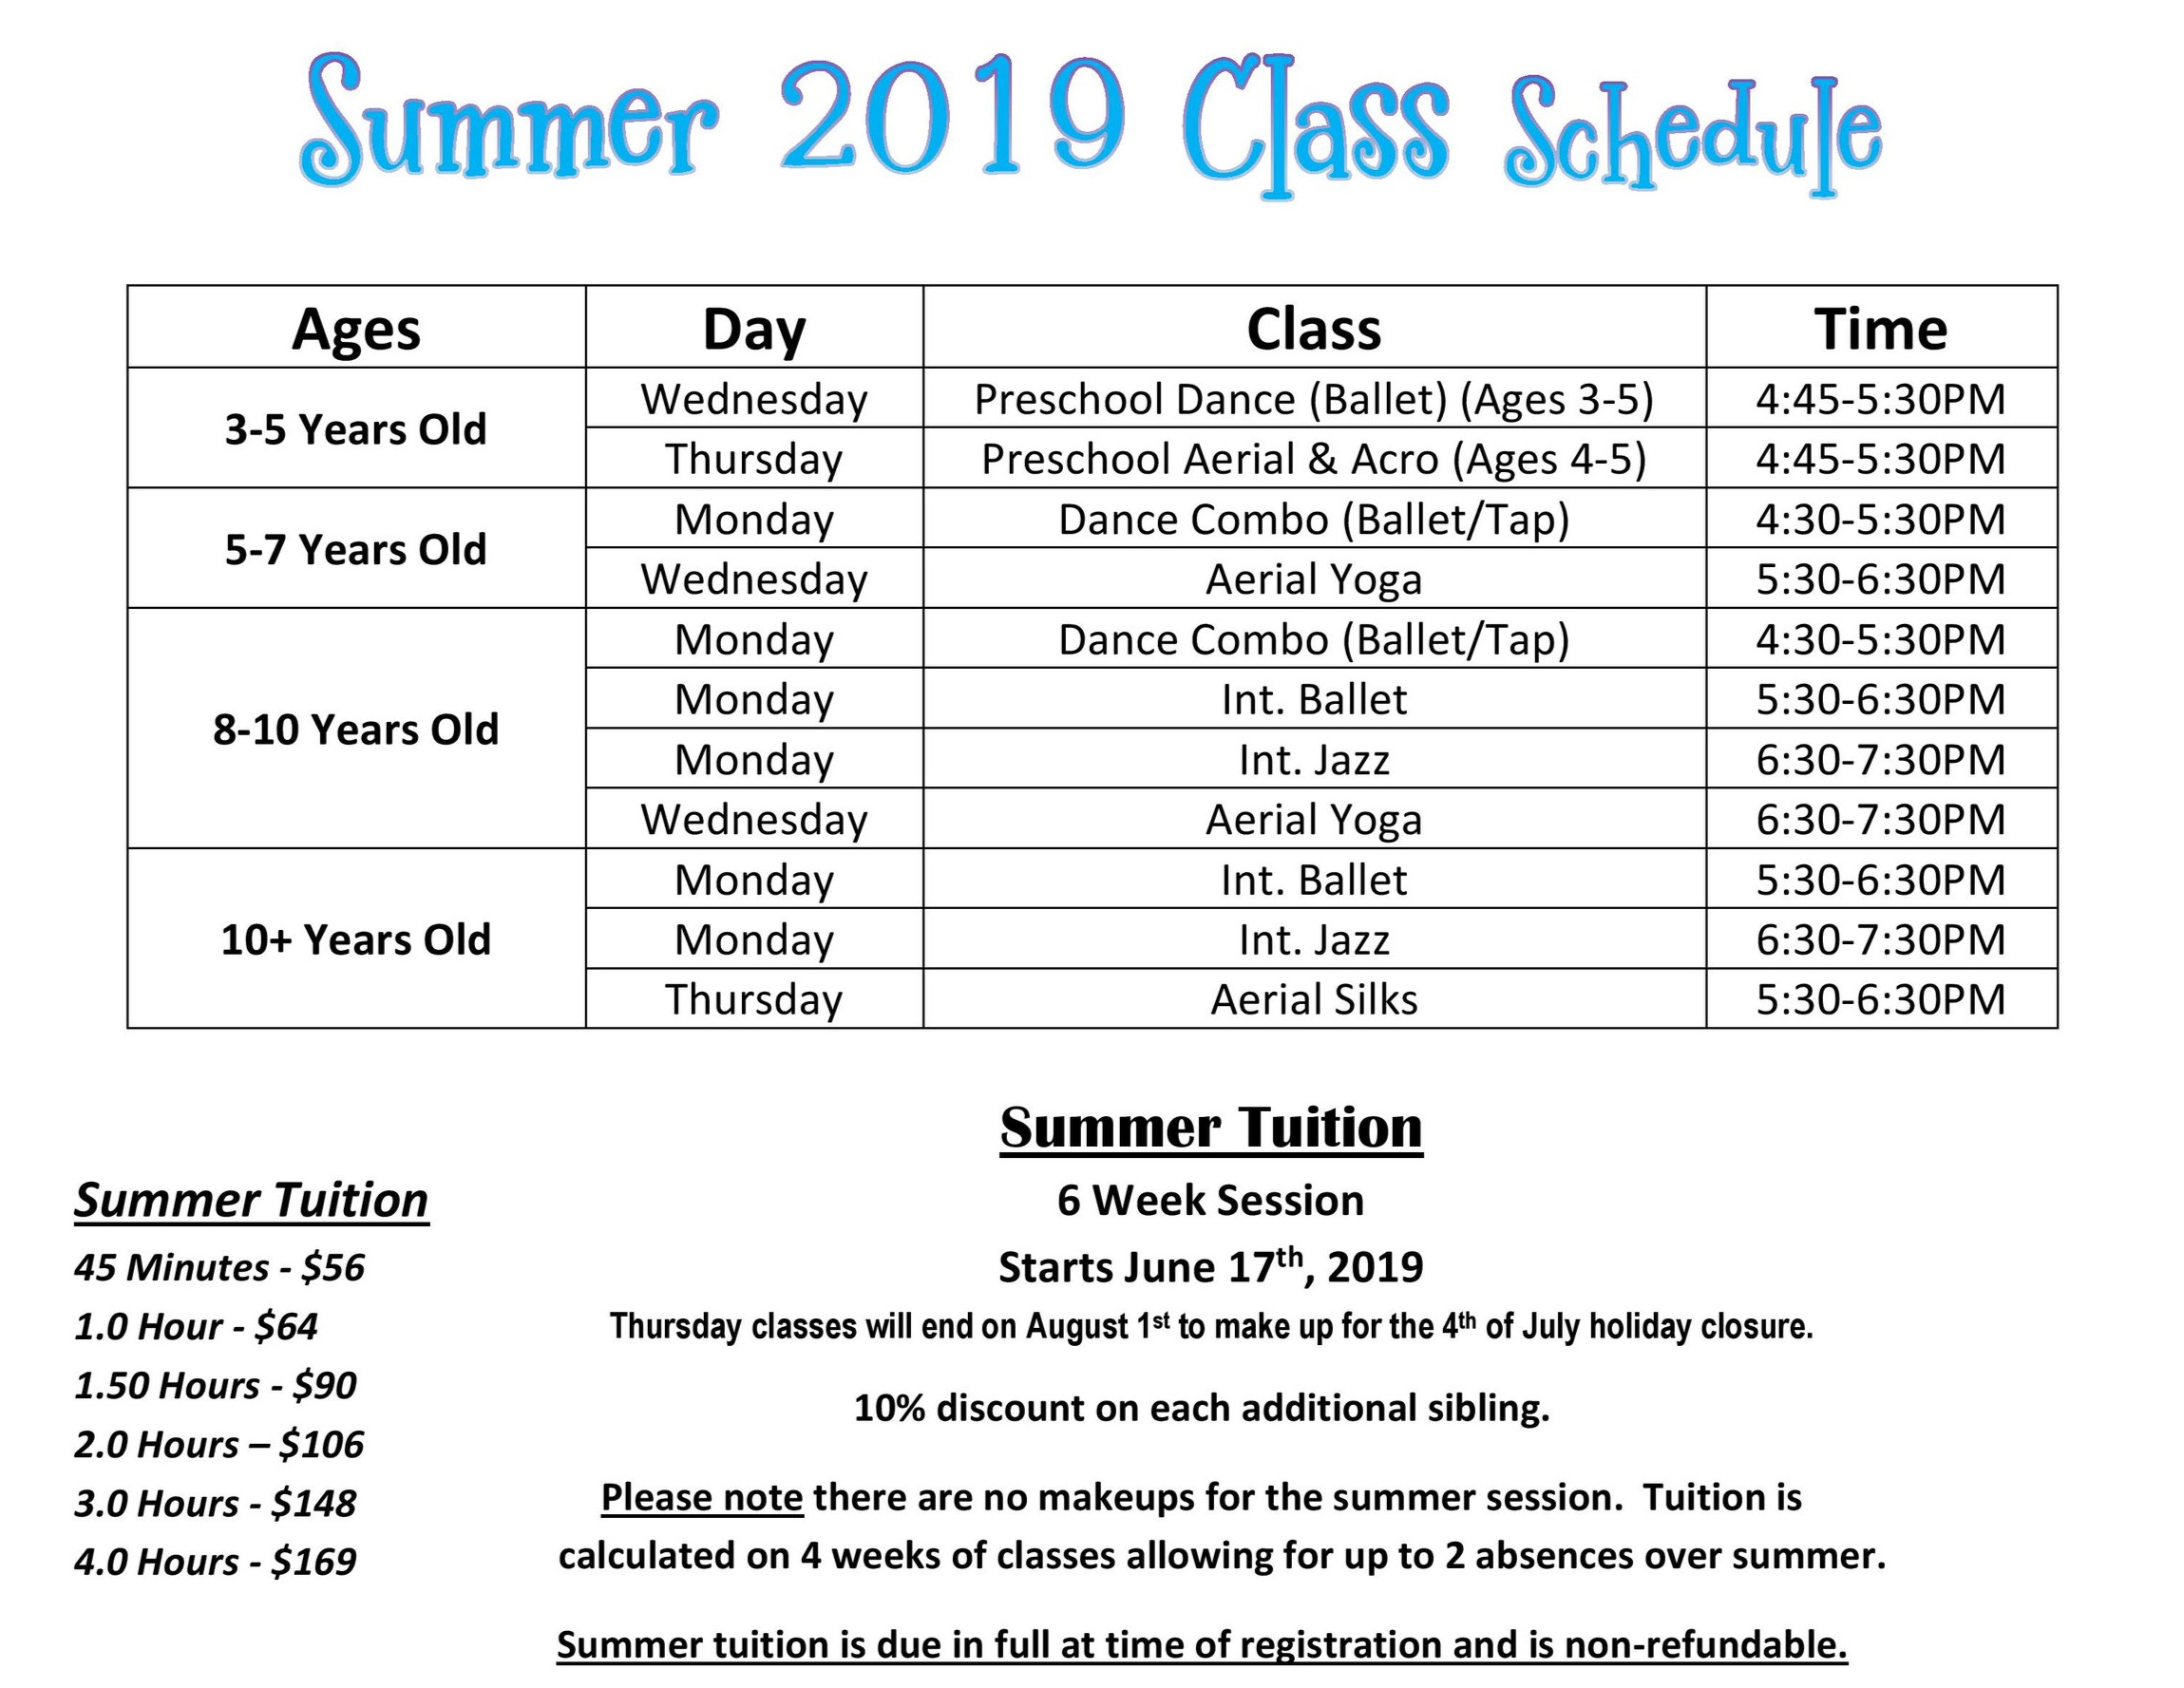 Summer+2019+Schedule+June+12+2019-page-001.jpg